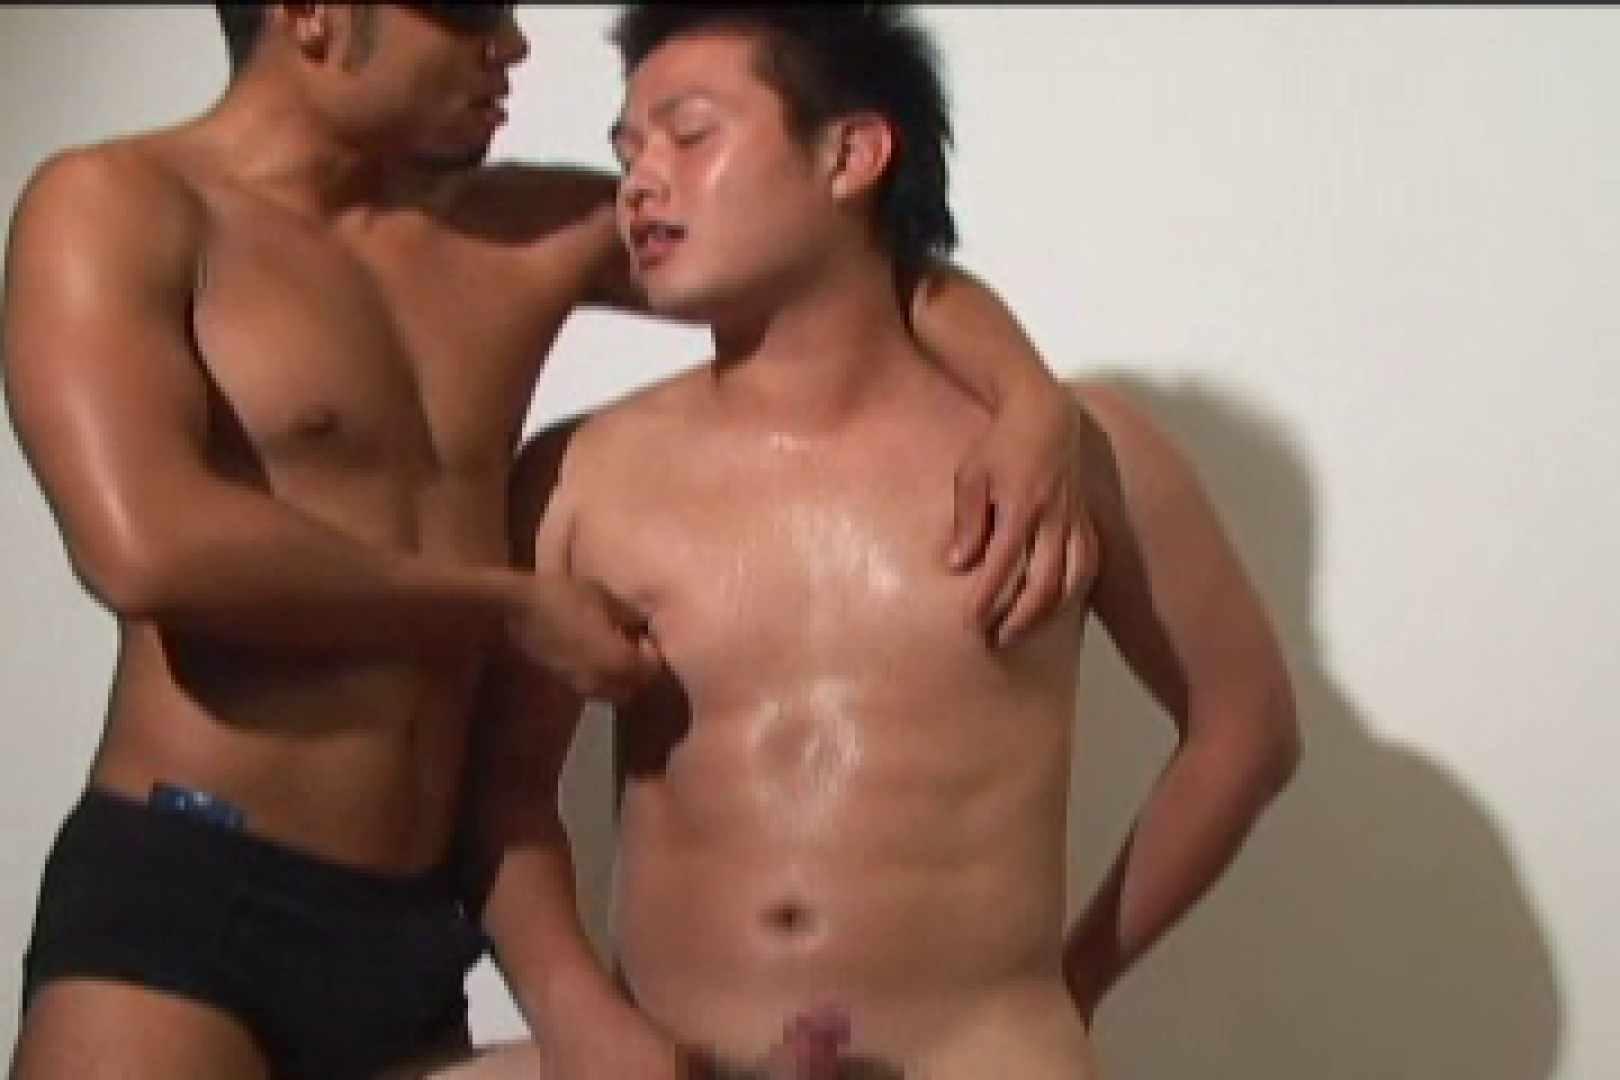 体育会系モッコリ祭り05 ガチムチマッチョ系 | アナル舐め  110pic 44